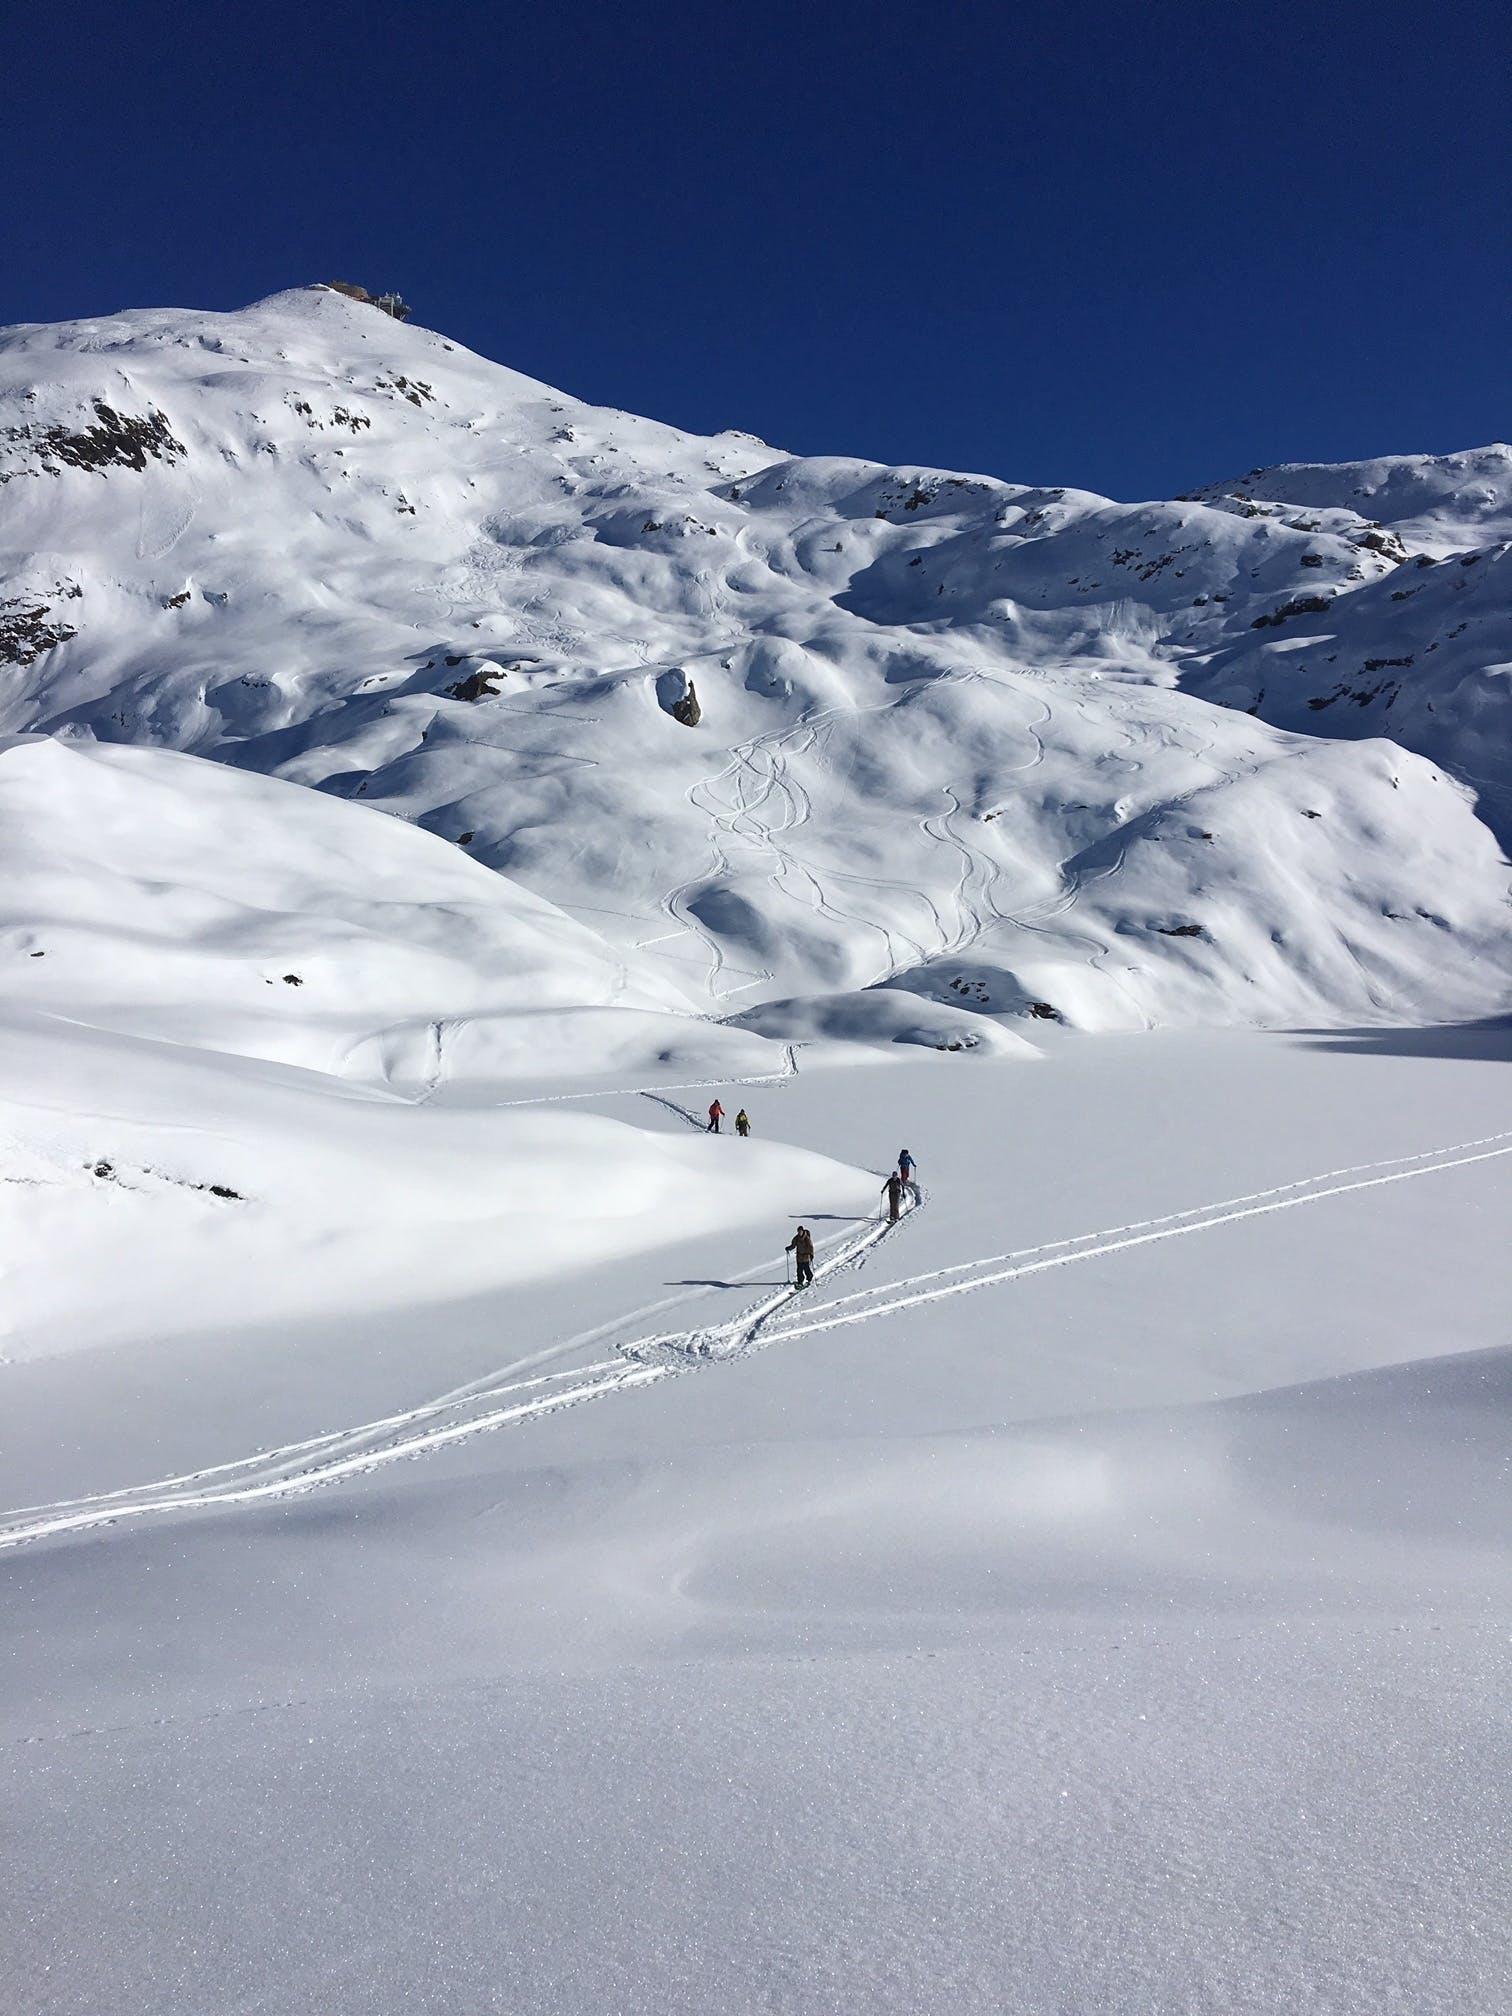 Splitboarders hiking in backcountry Chamonix